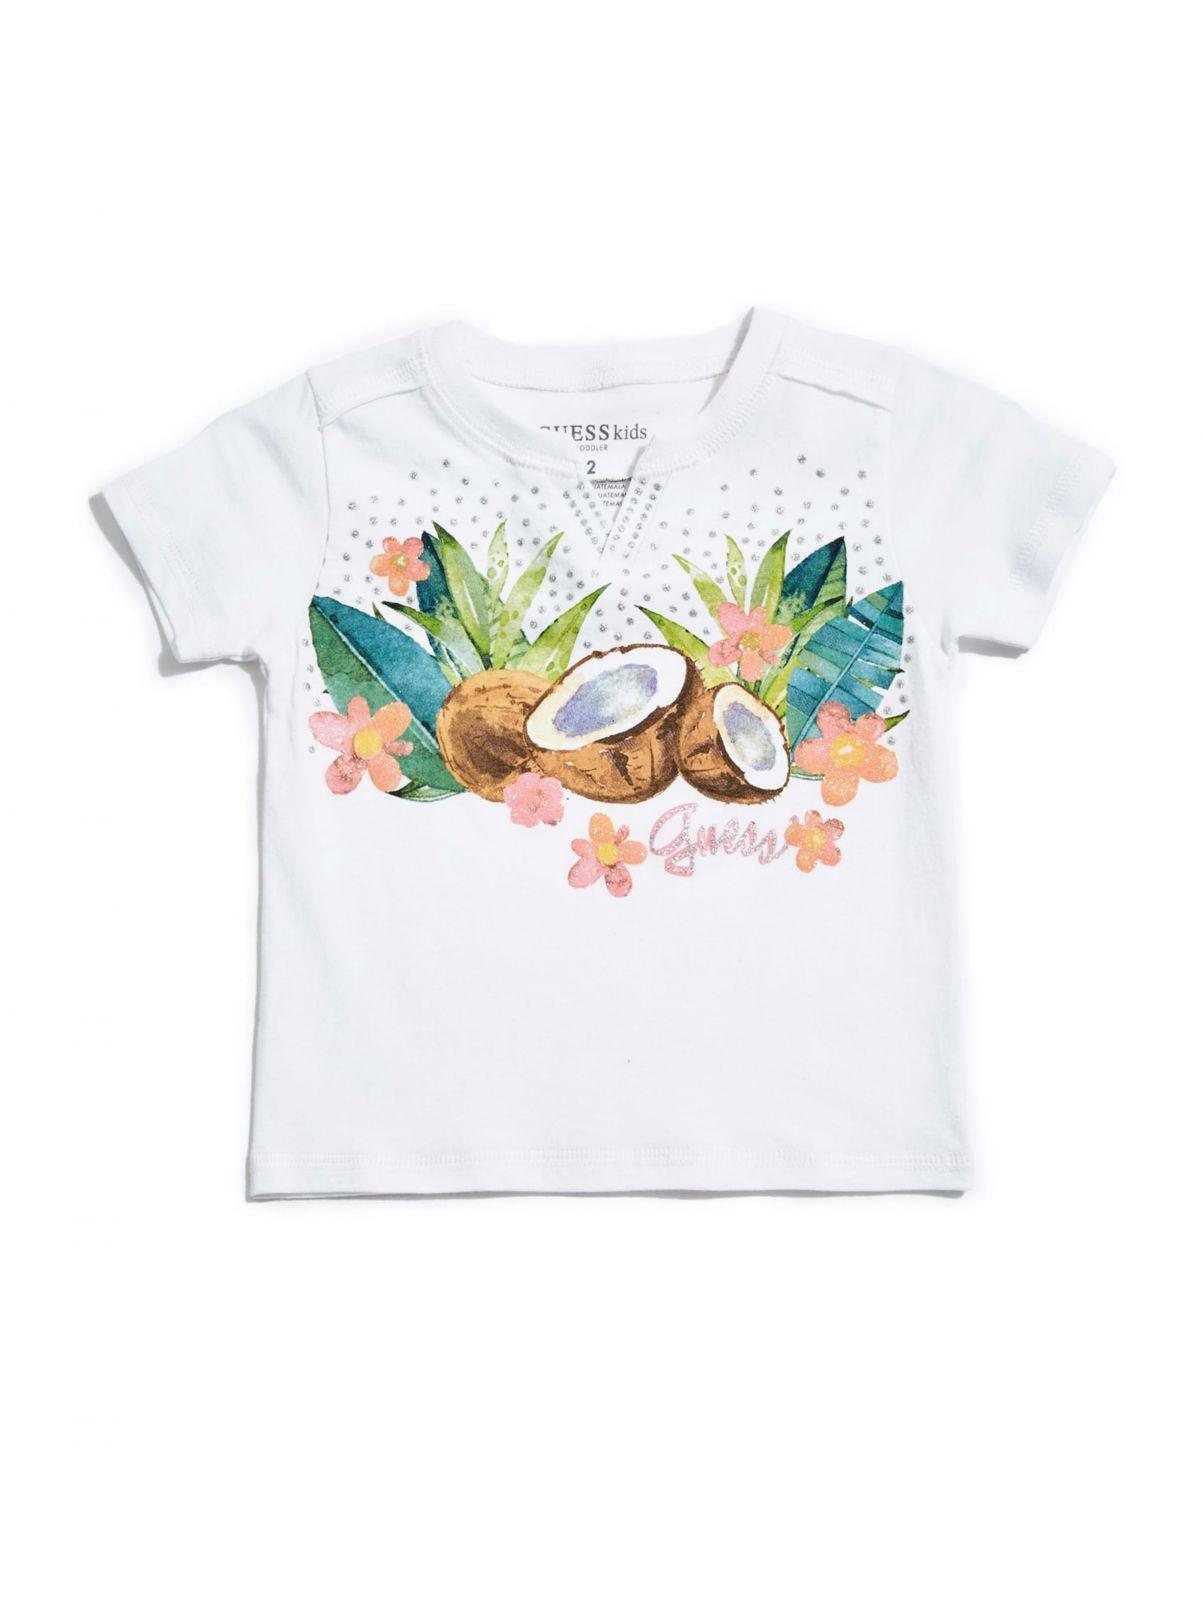 GUESS tričko Tropical